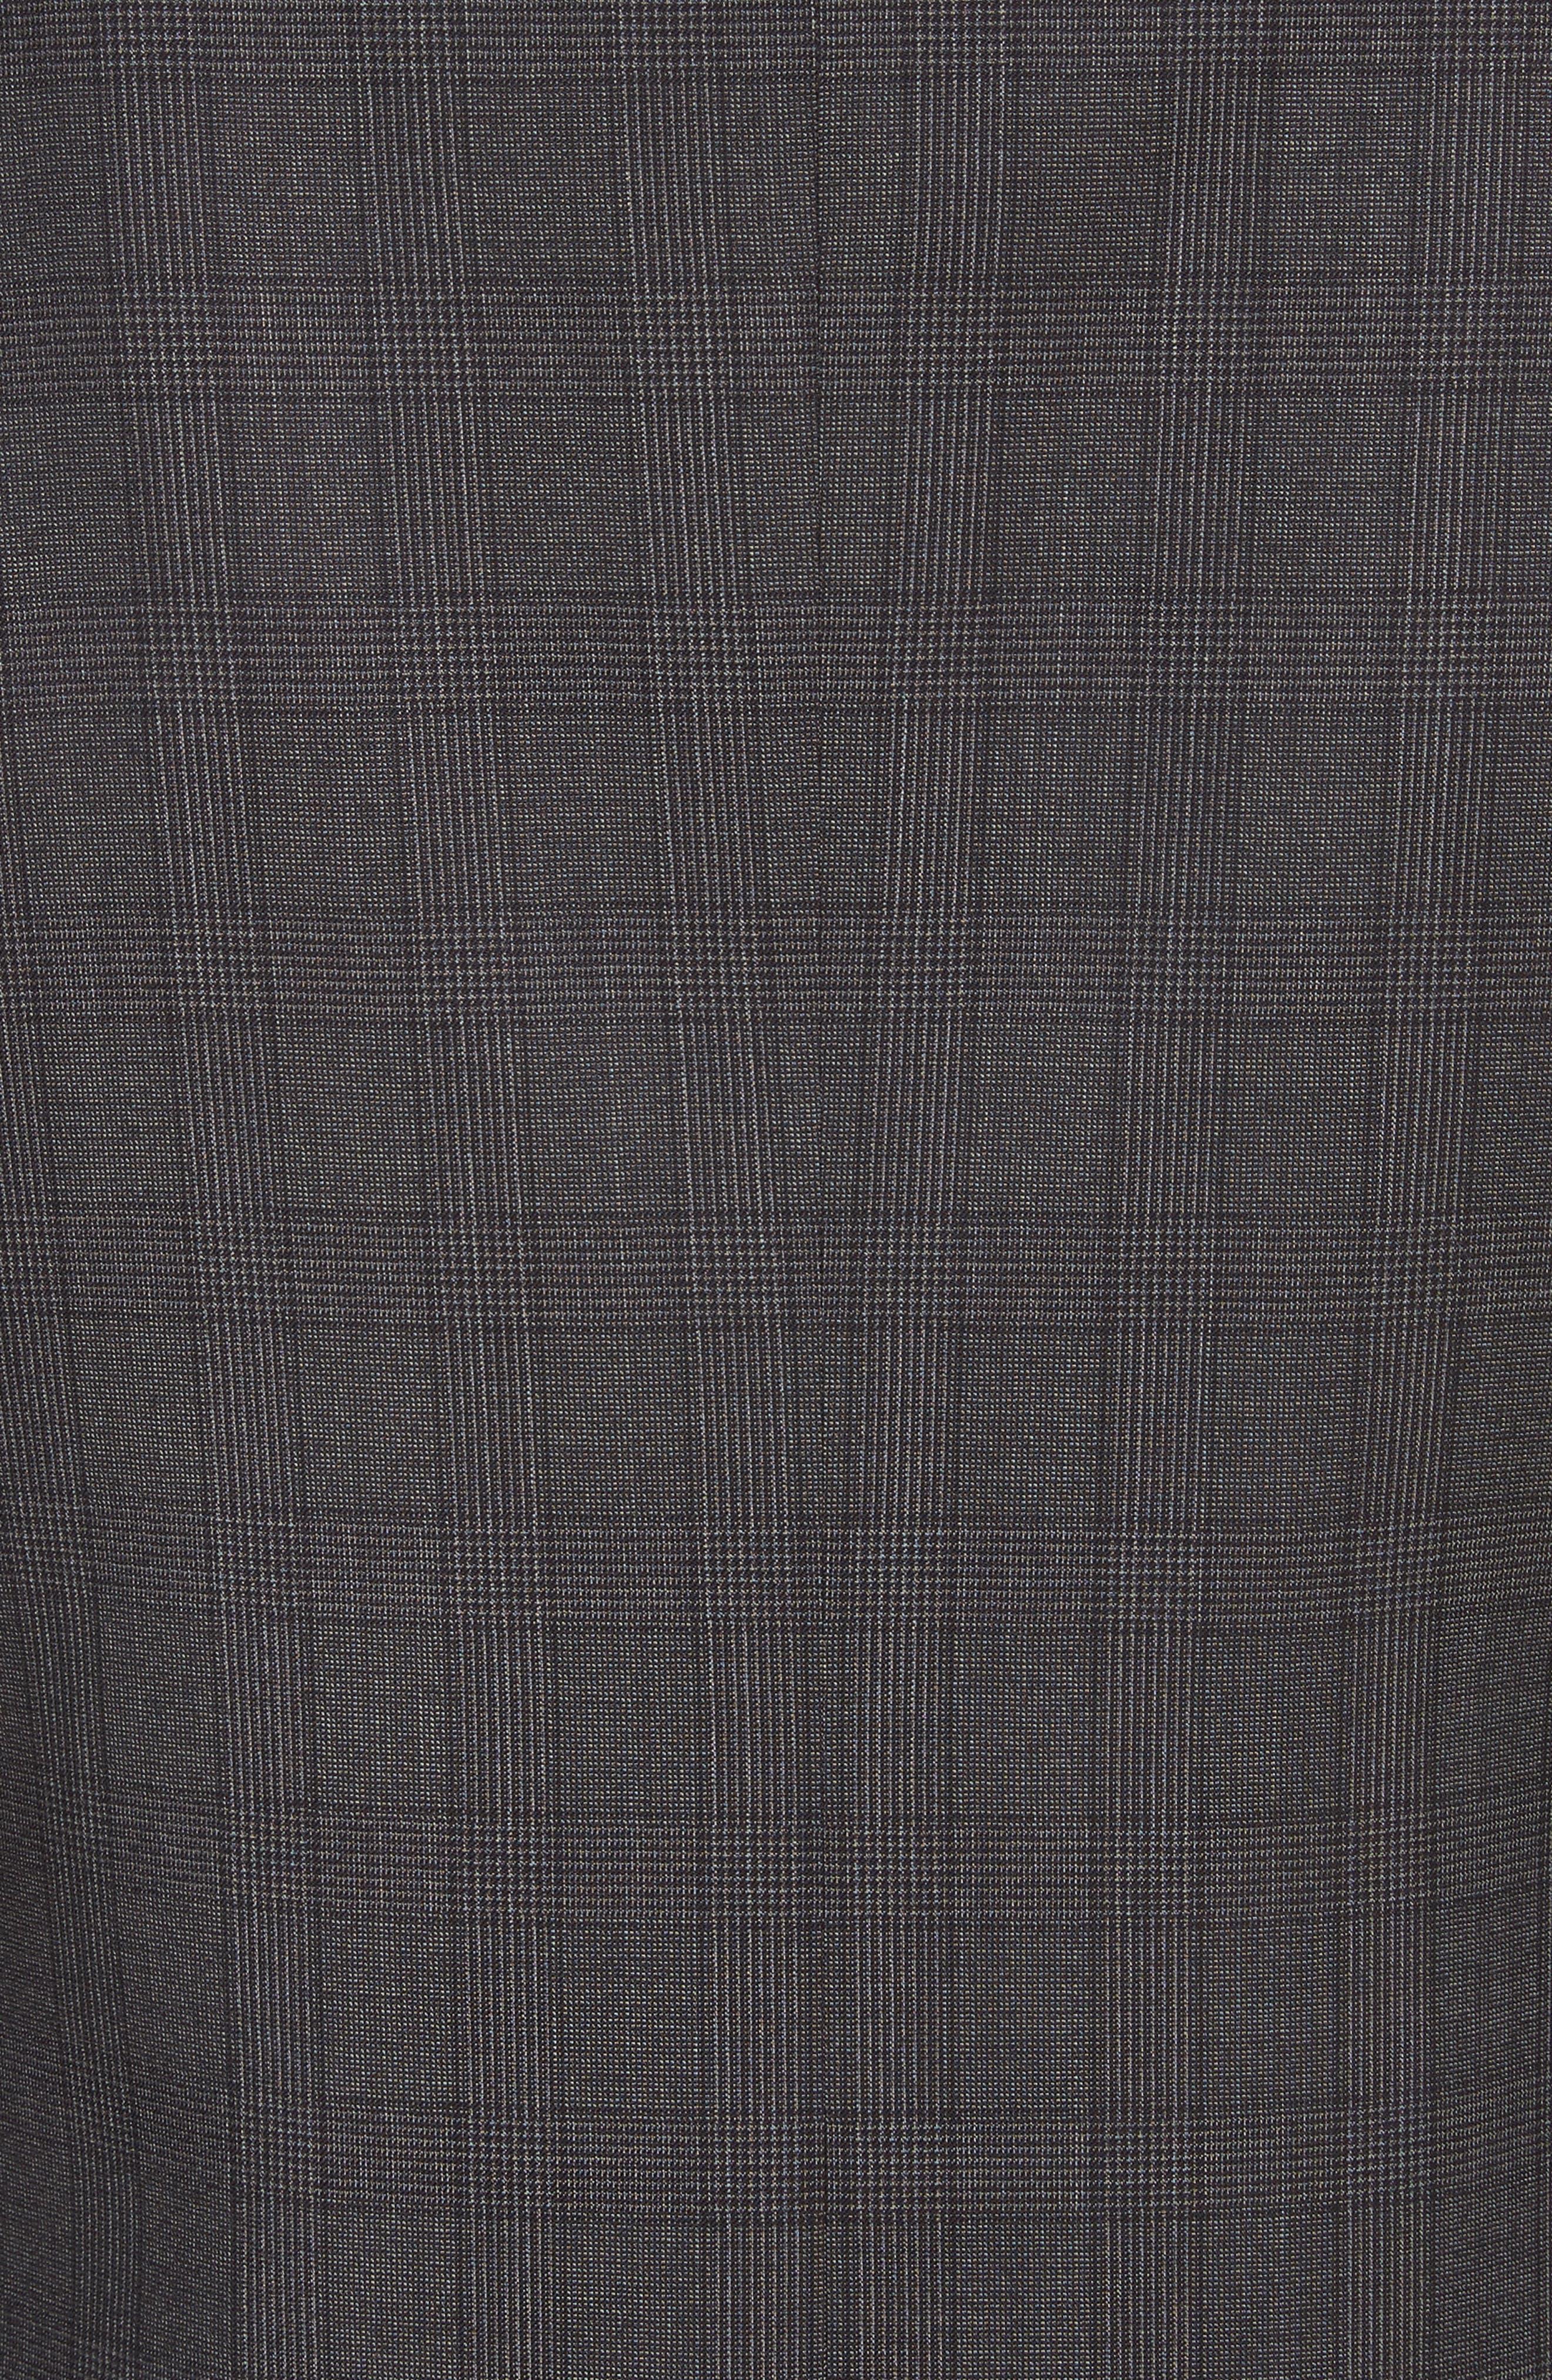 Classic Fit Plaid Wool Suit,                             Alternate thumbnail 7, color,                             201